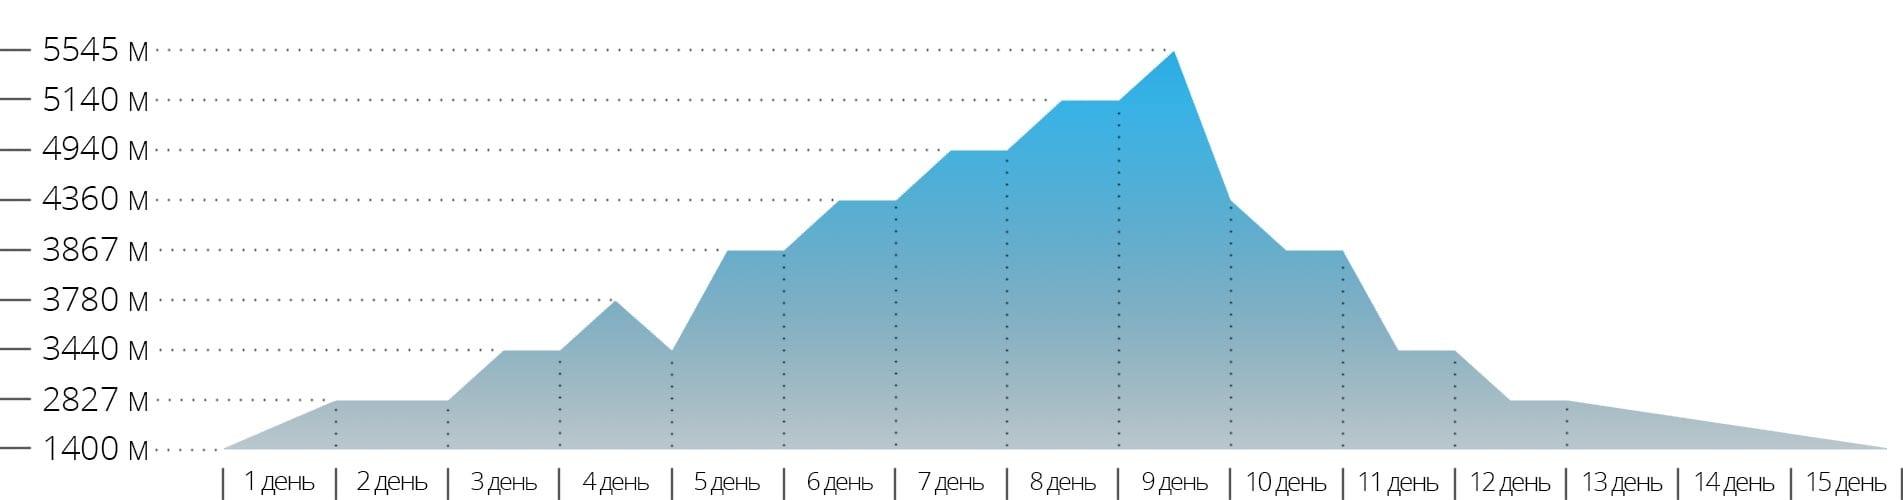 Акклиматизационный график для треккинга к Эвересту